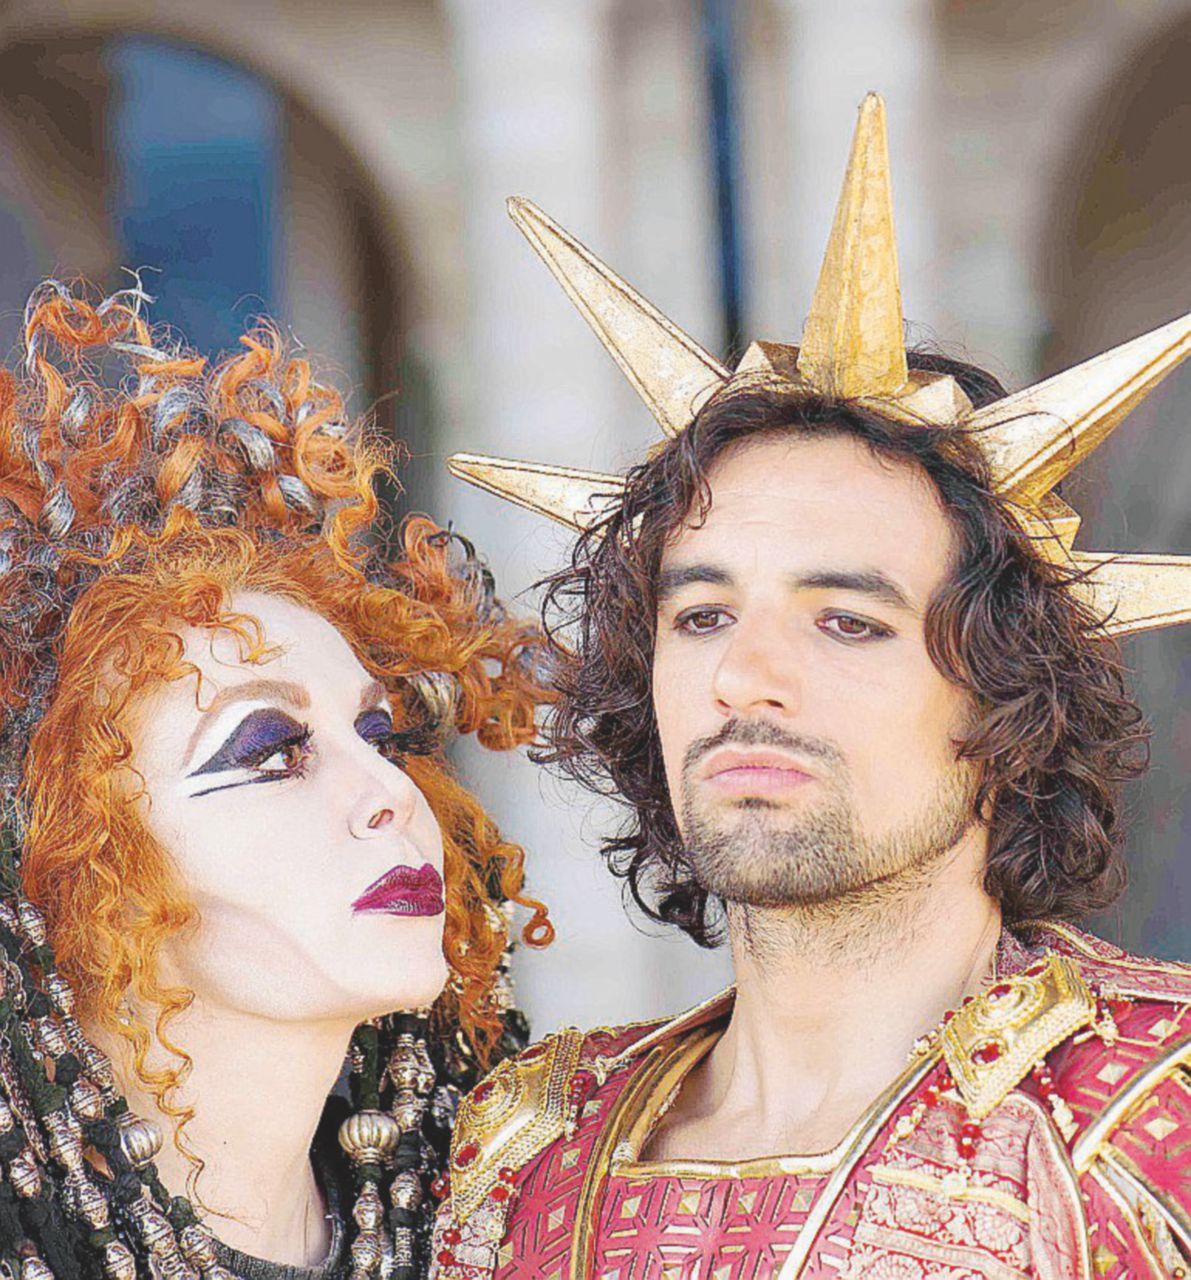 Divo Nerone, il musical che brucia soldi pubblici